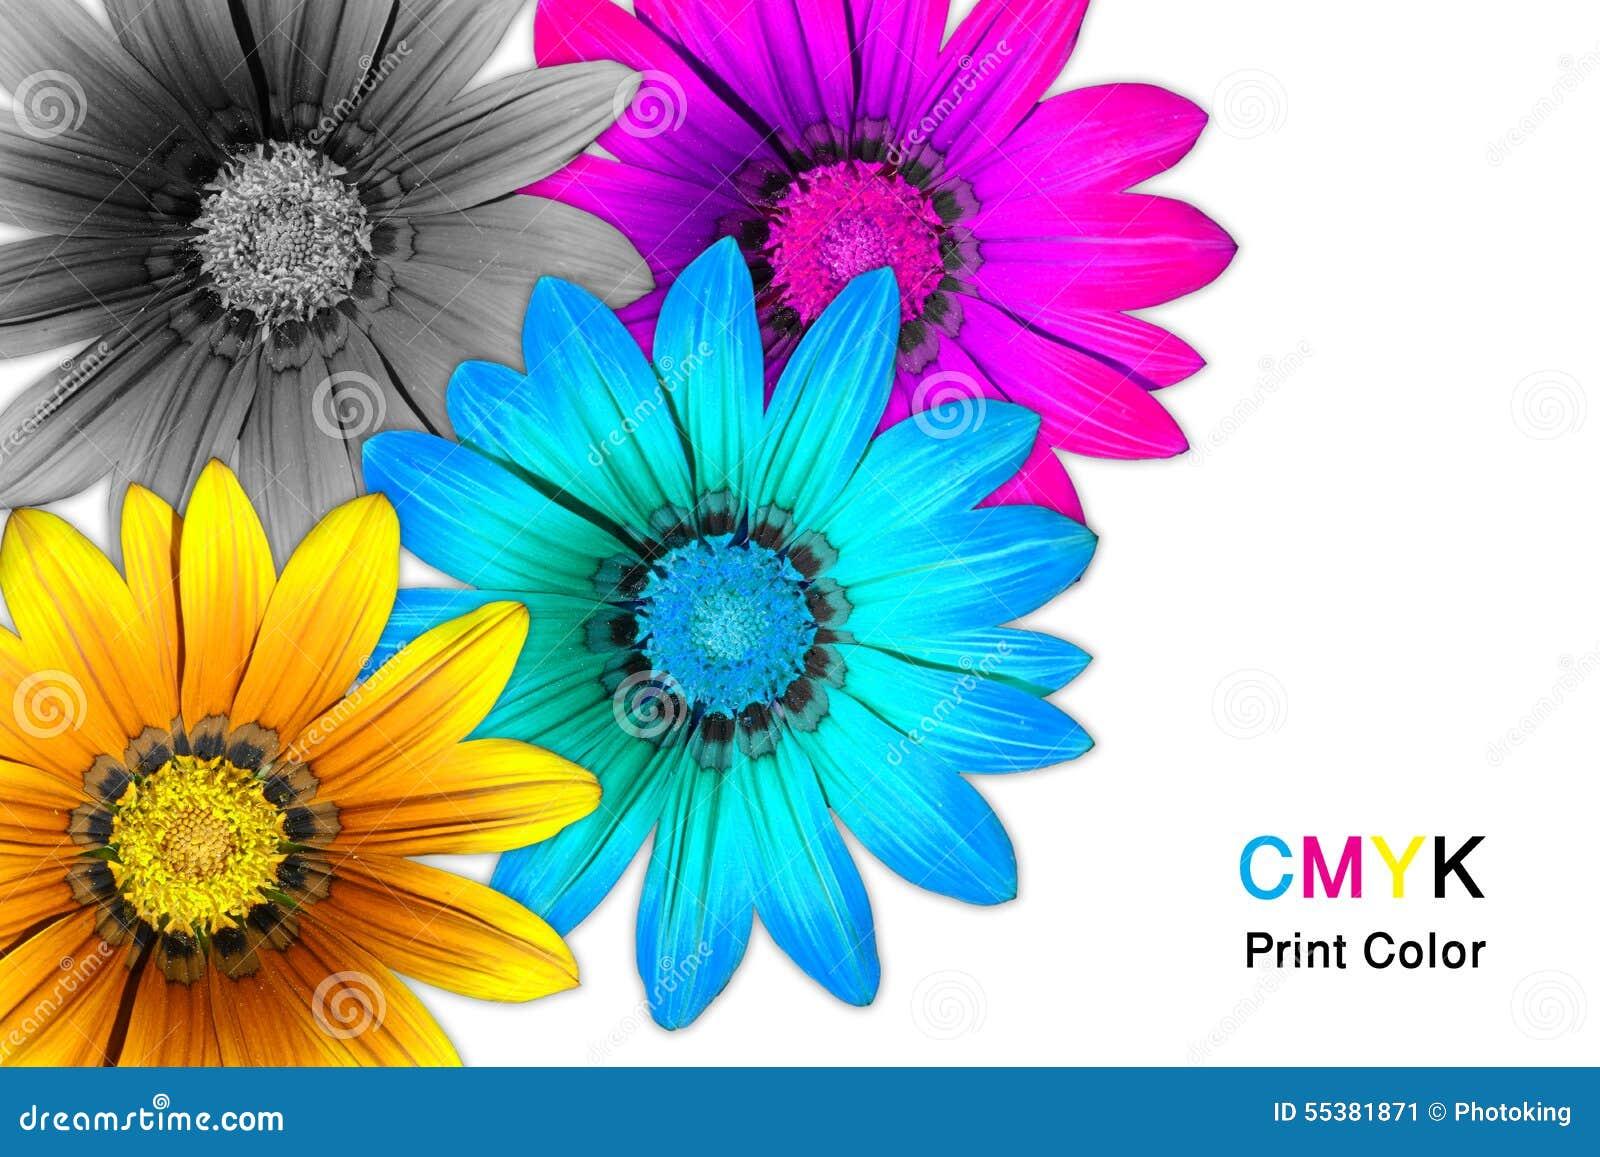 Gazania flowers CMYK